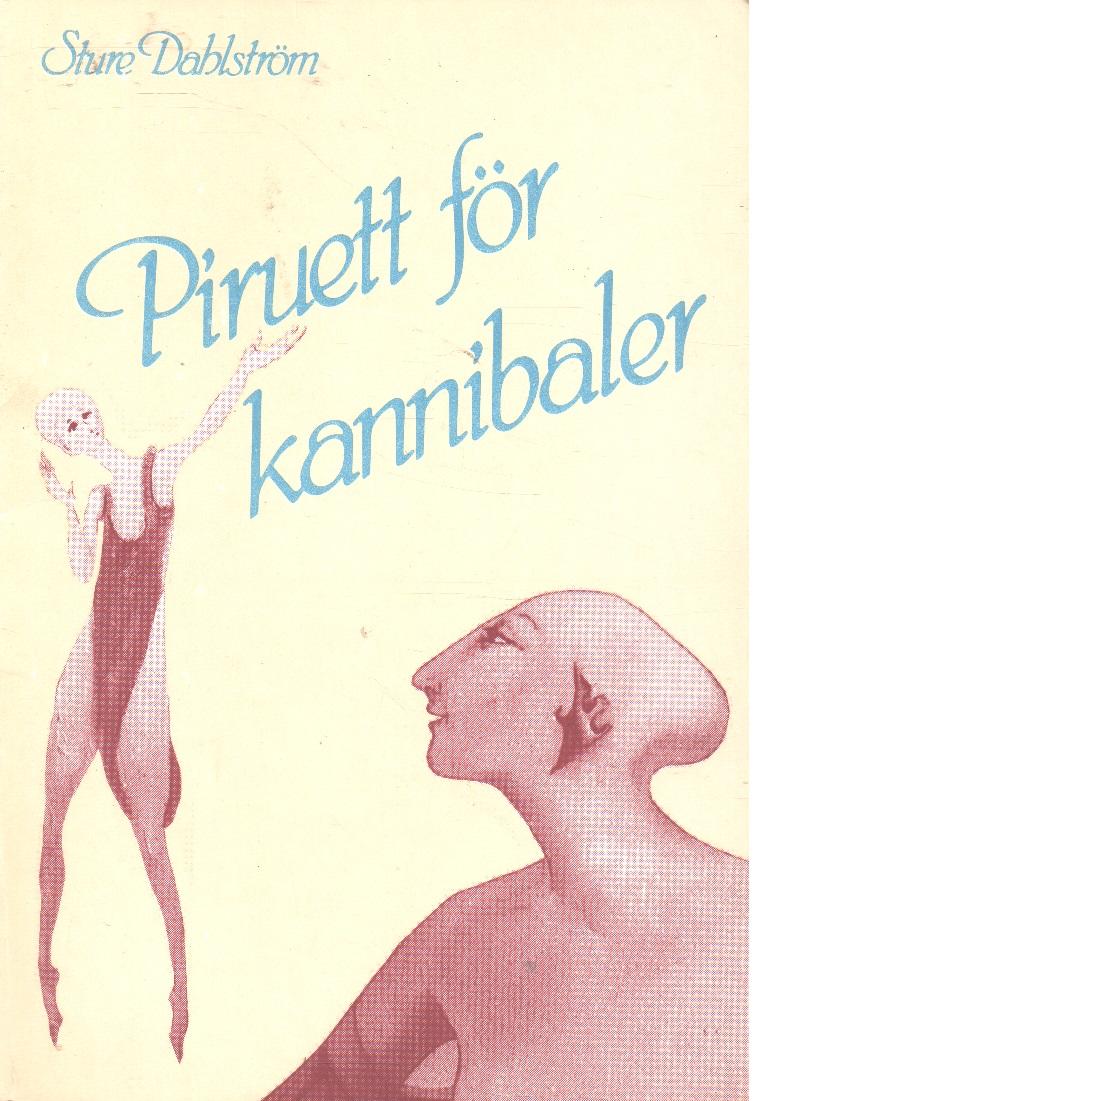 Piruett för kannibaler - Dahlström, Sture